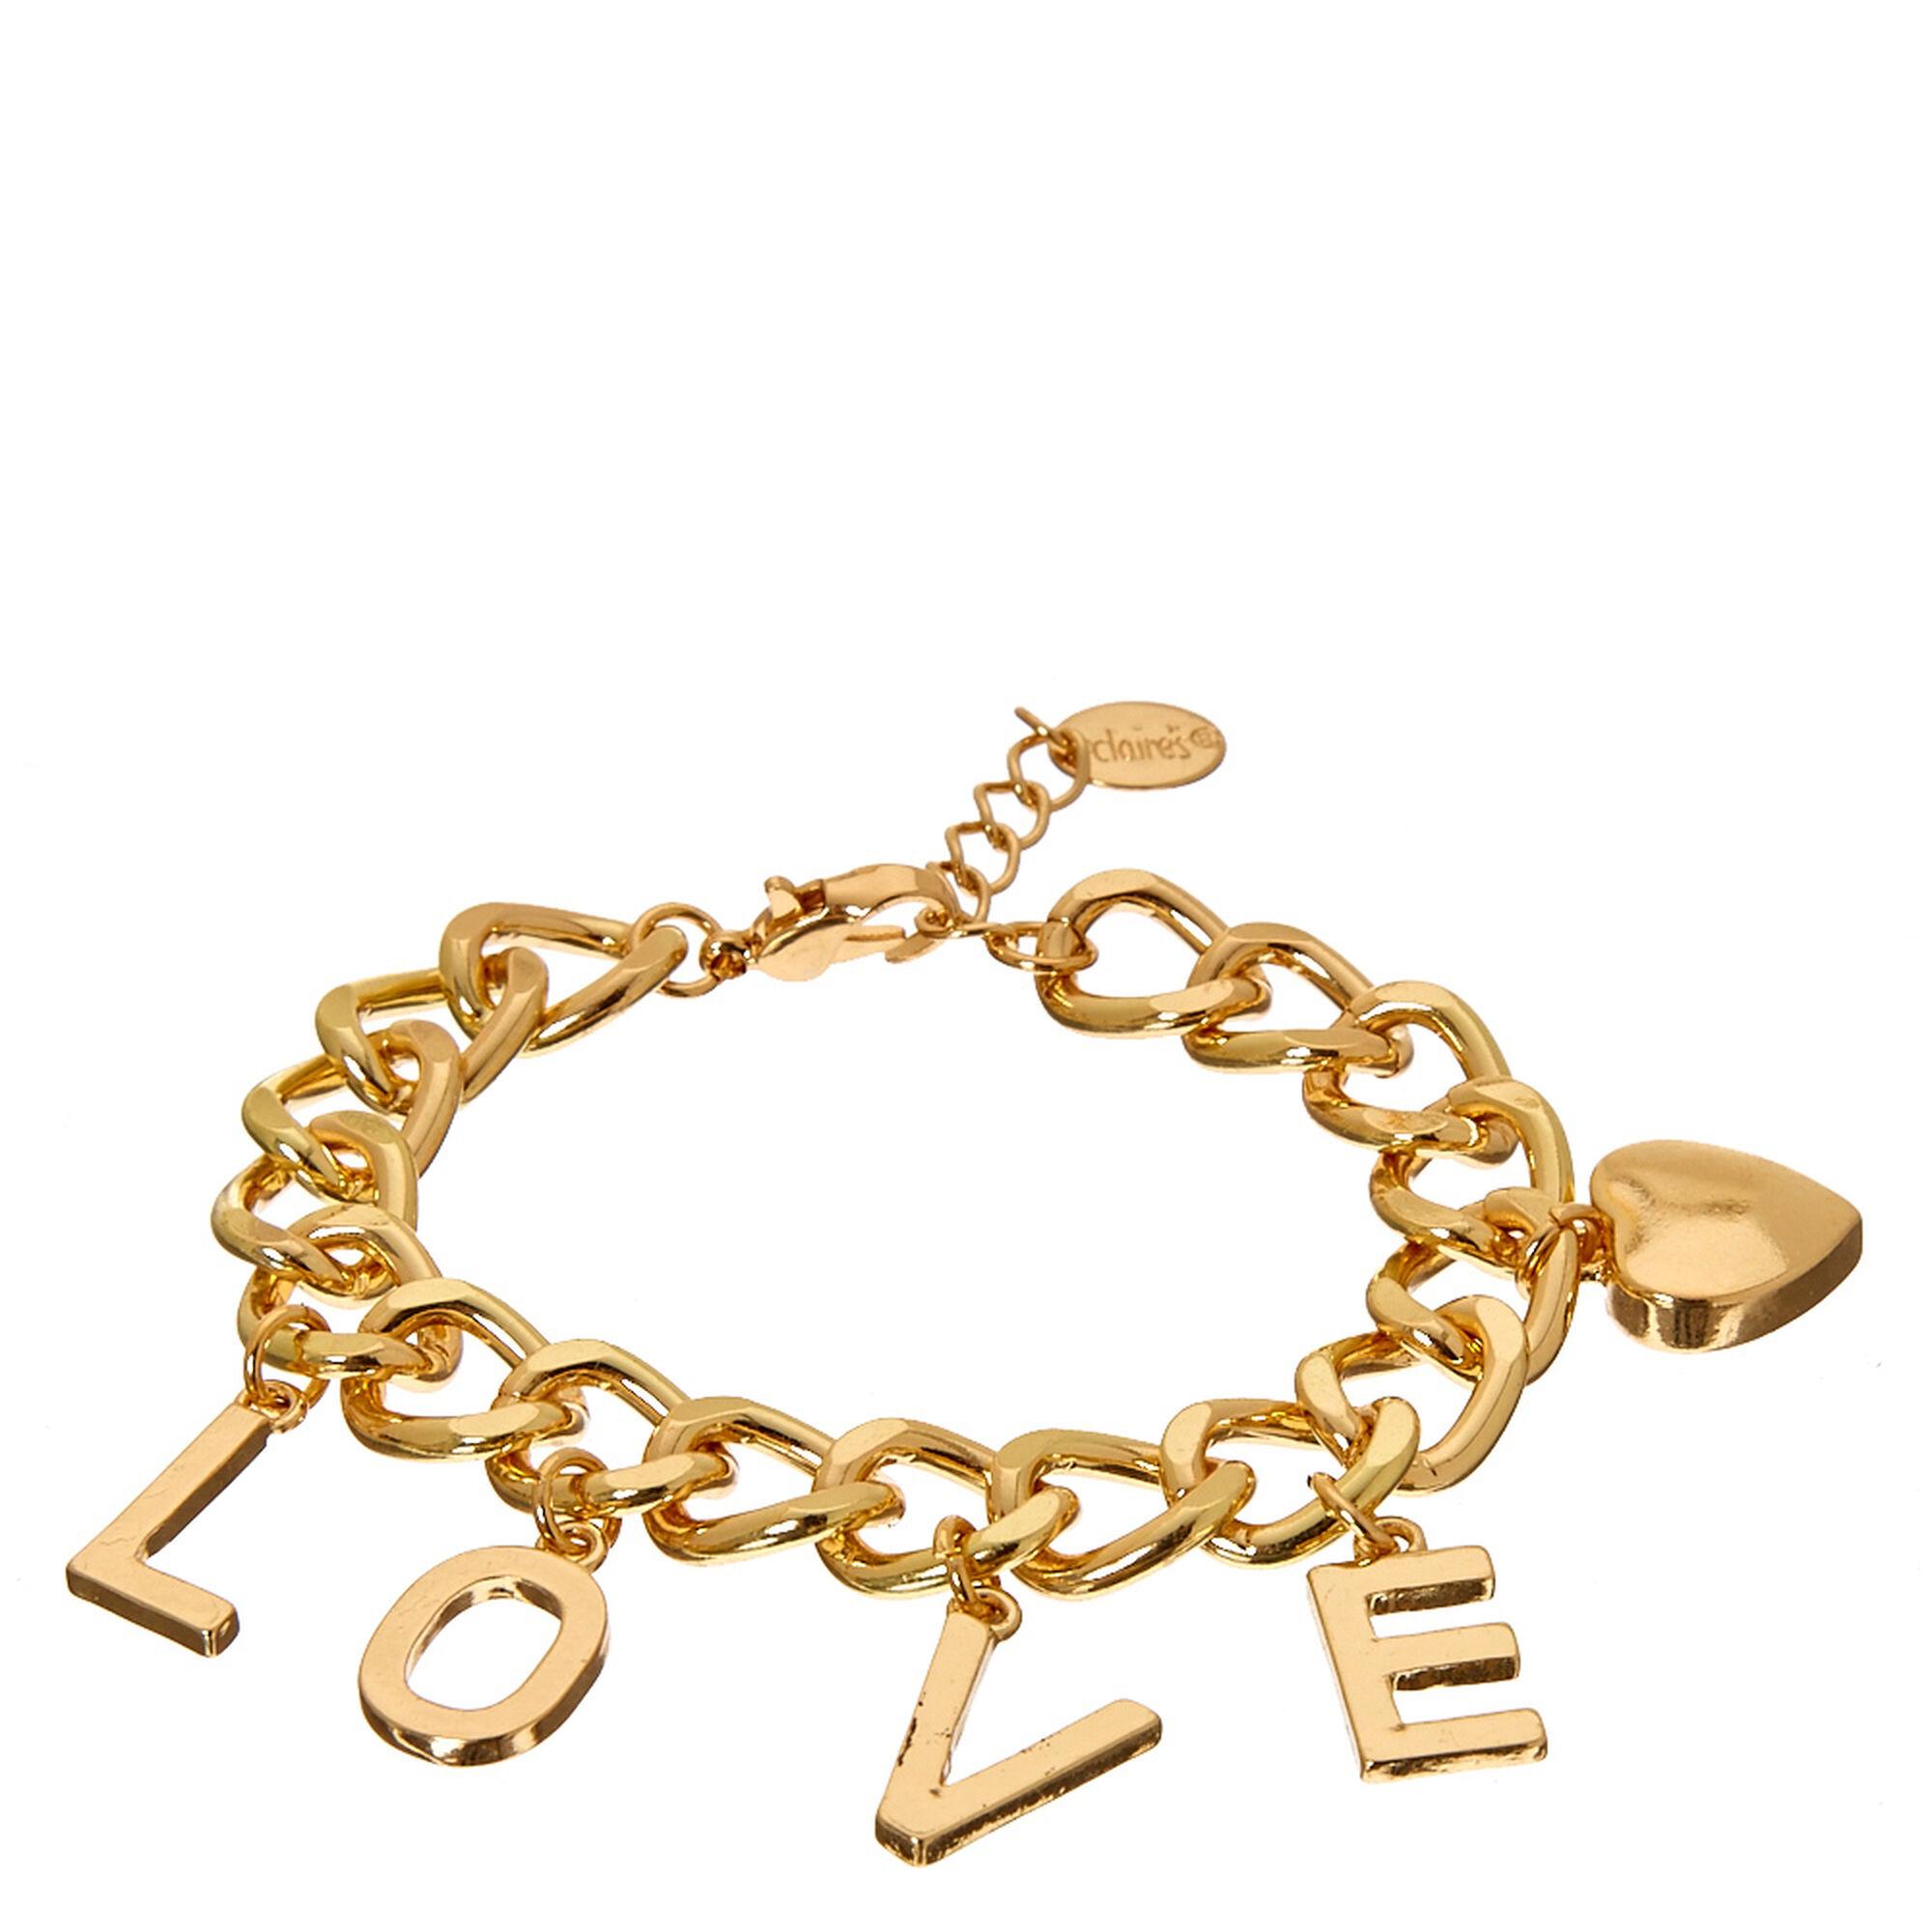 goldtone love charm bracelet claires us